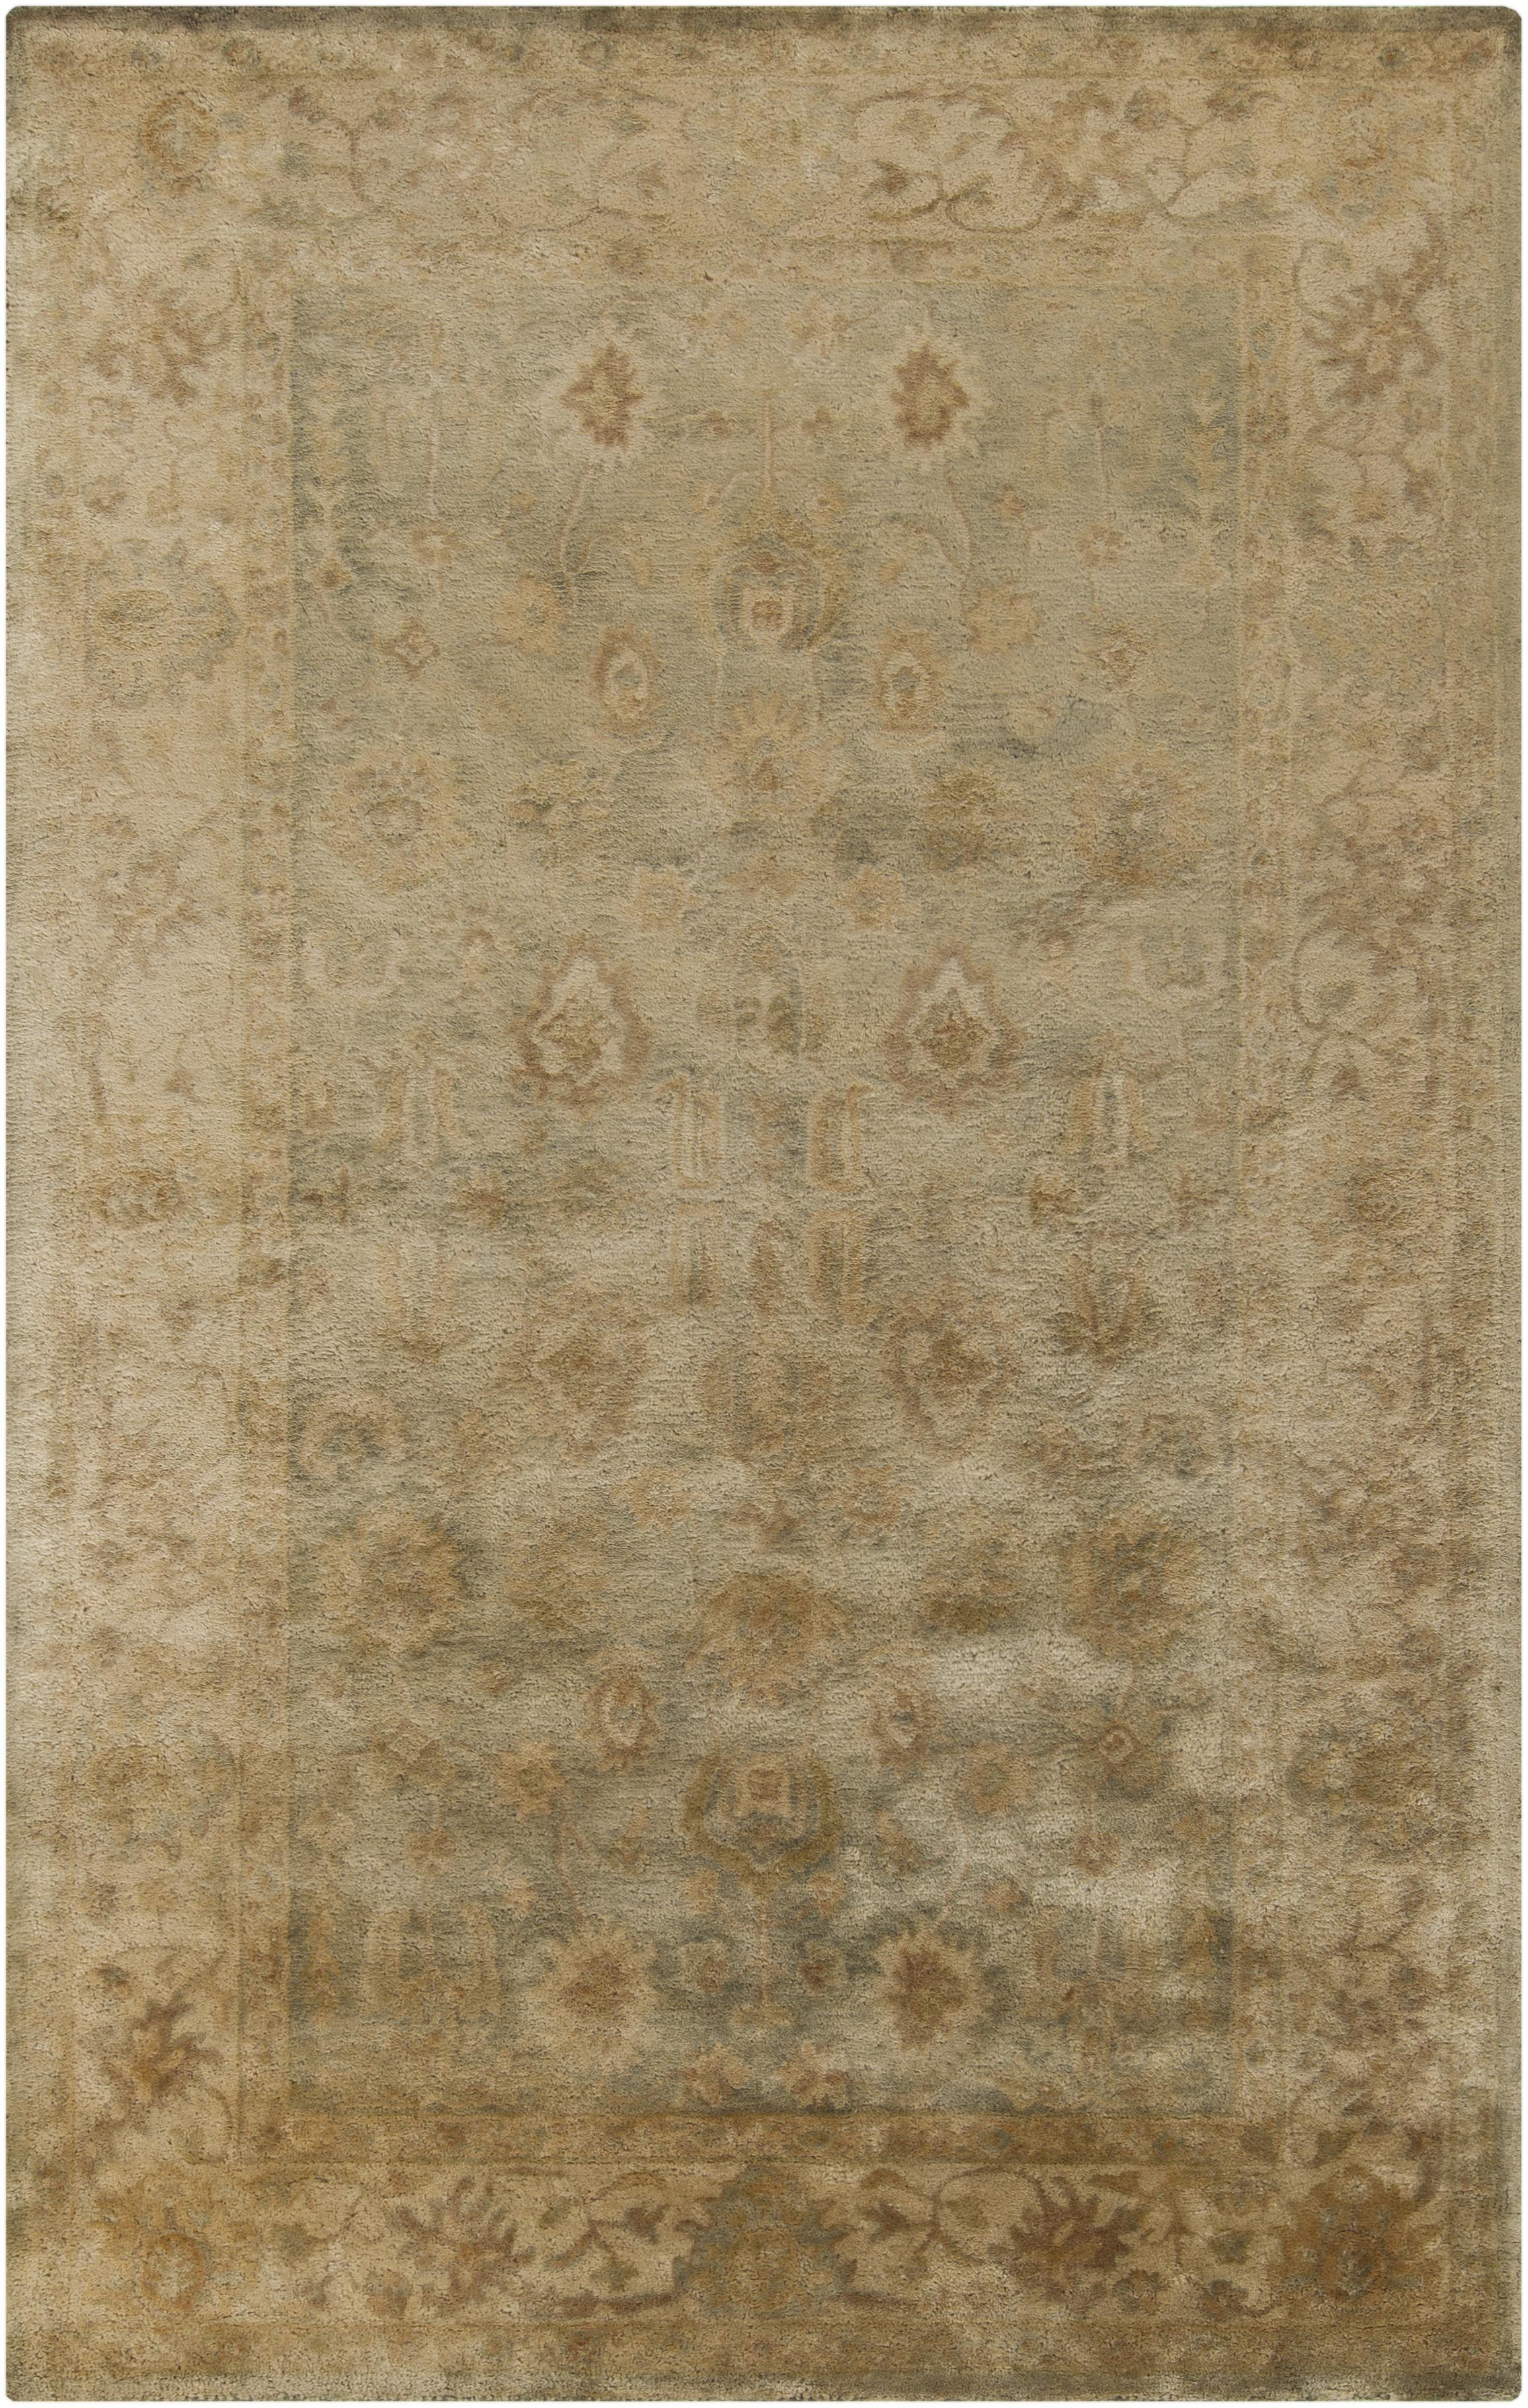 Surya Rugs Vintage 8' x 11' - Item Number: VTG5237-811